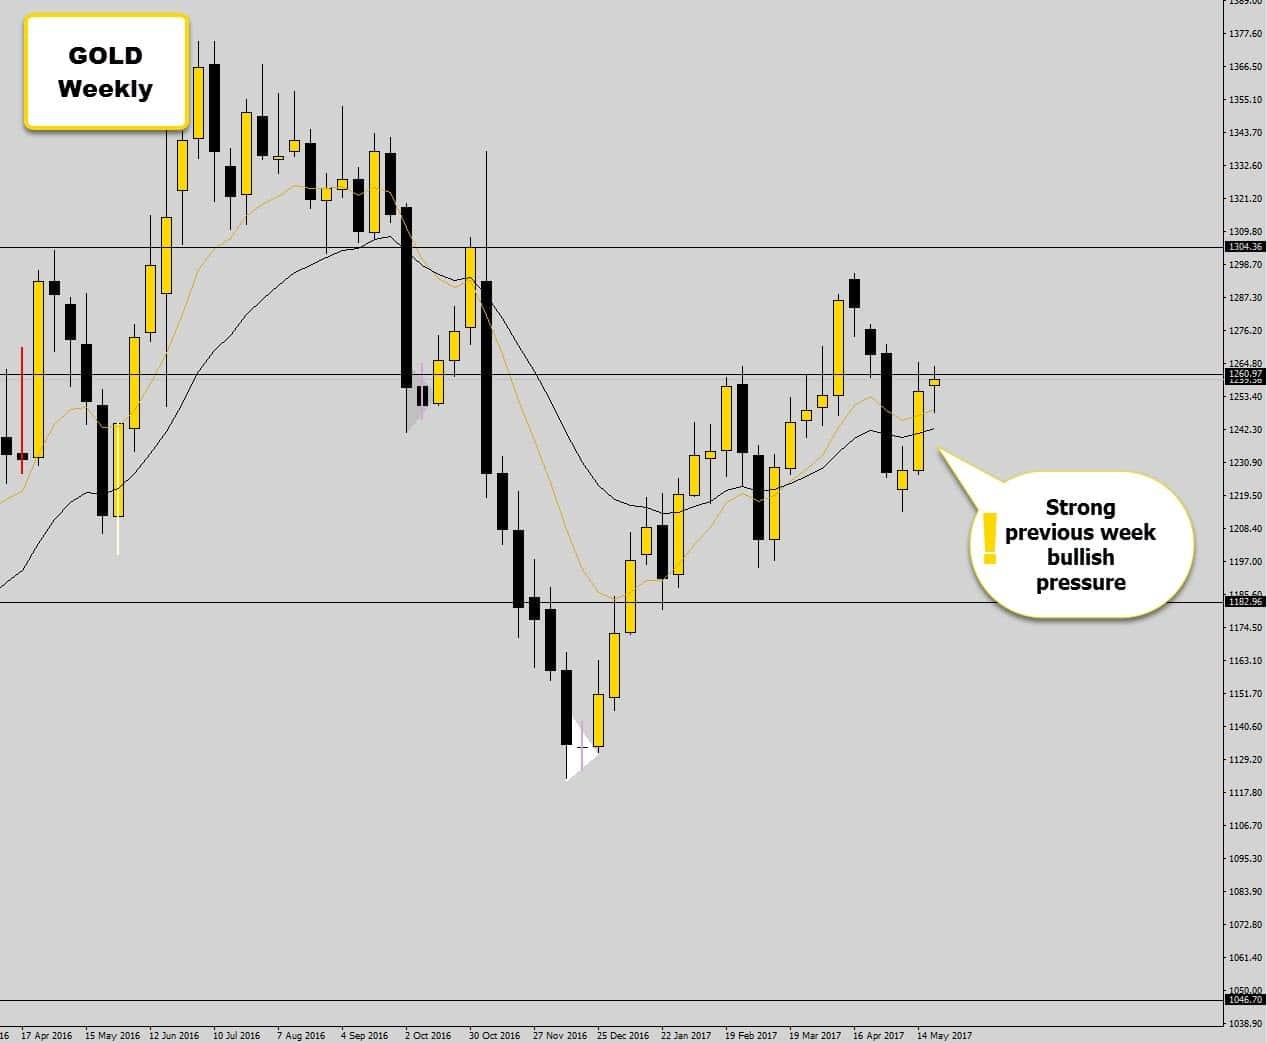 gold weekly pressure